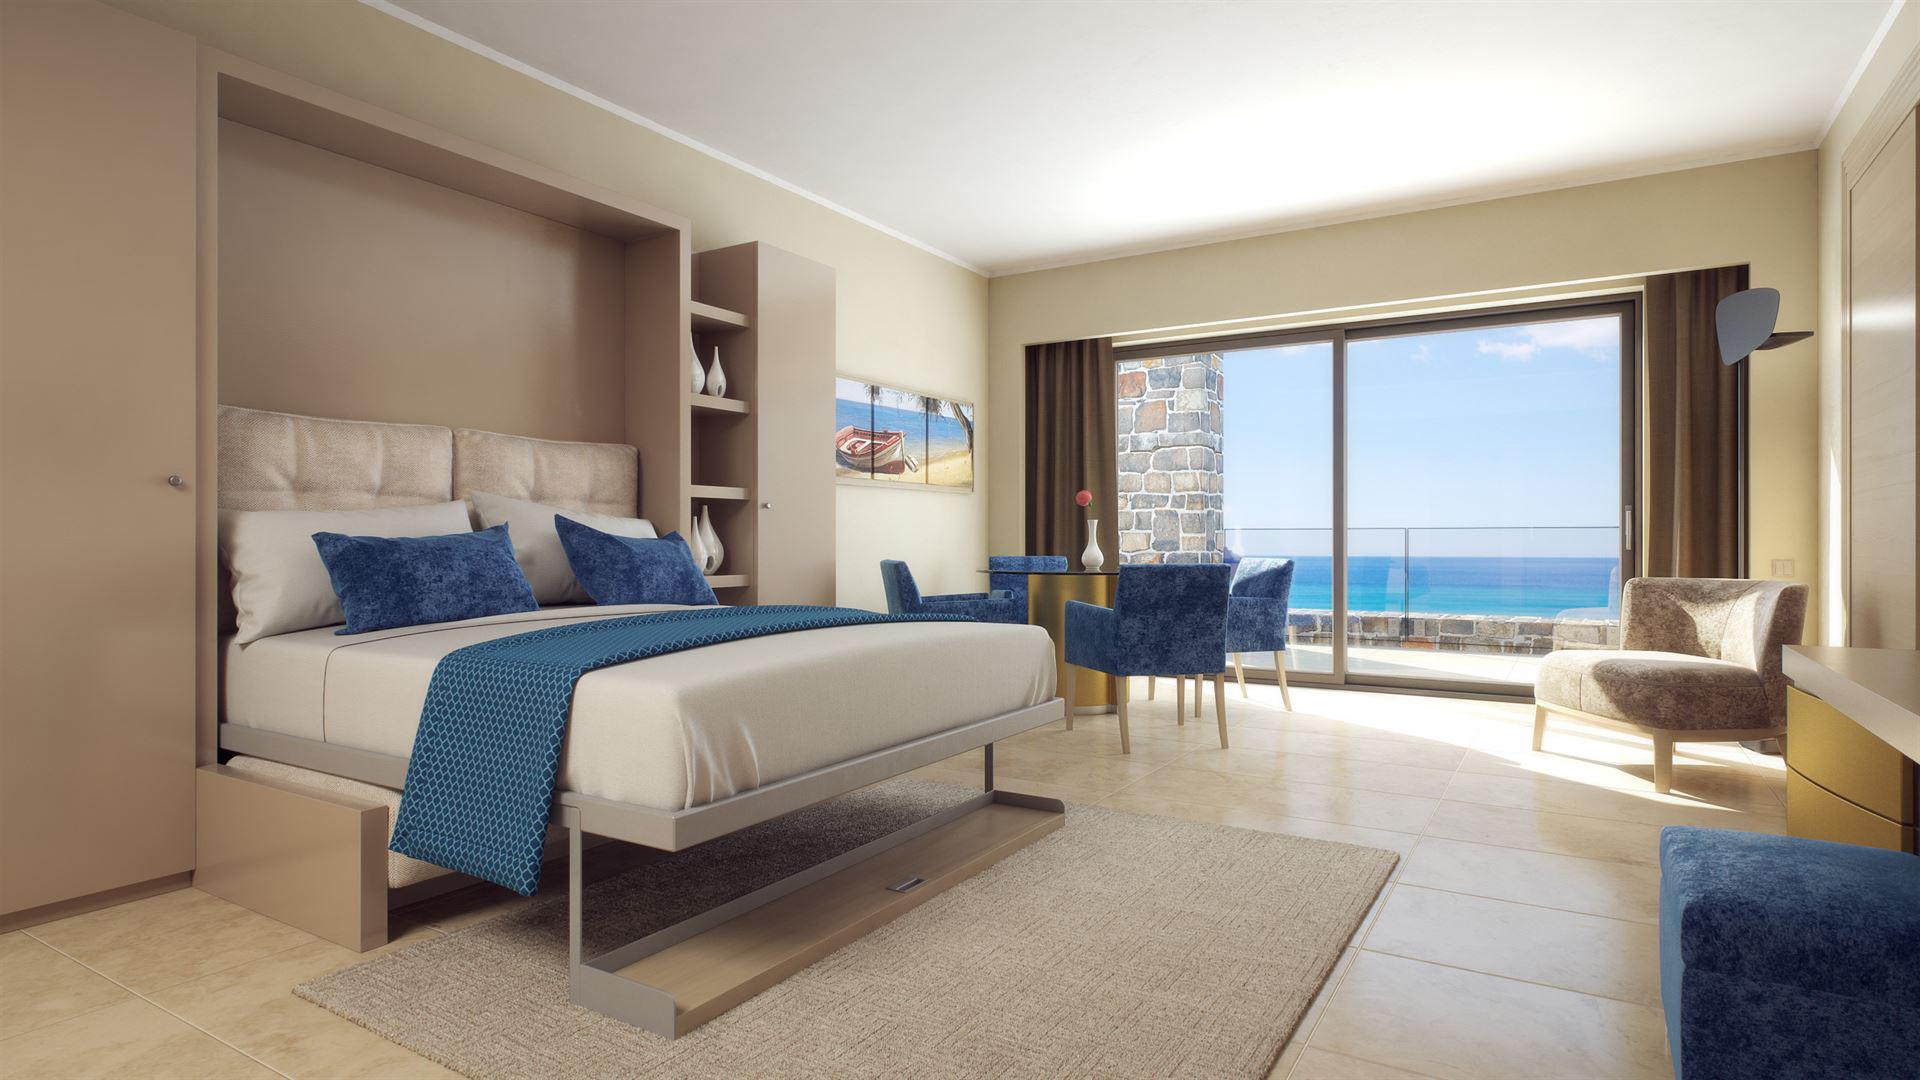 Apartamento en venta en Dubai, EAU, 2 dormitorios, 120 m2, № 23873 – foto 4